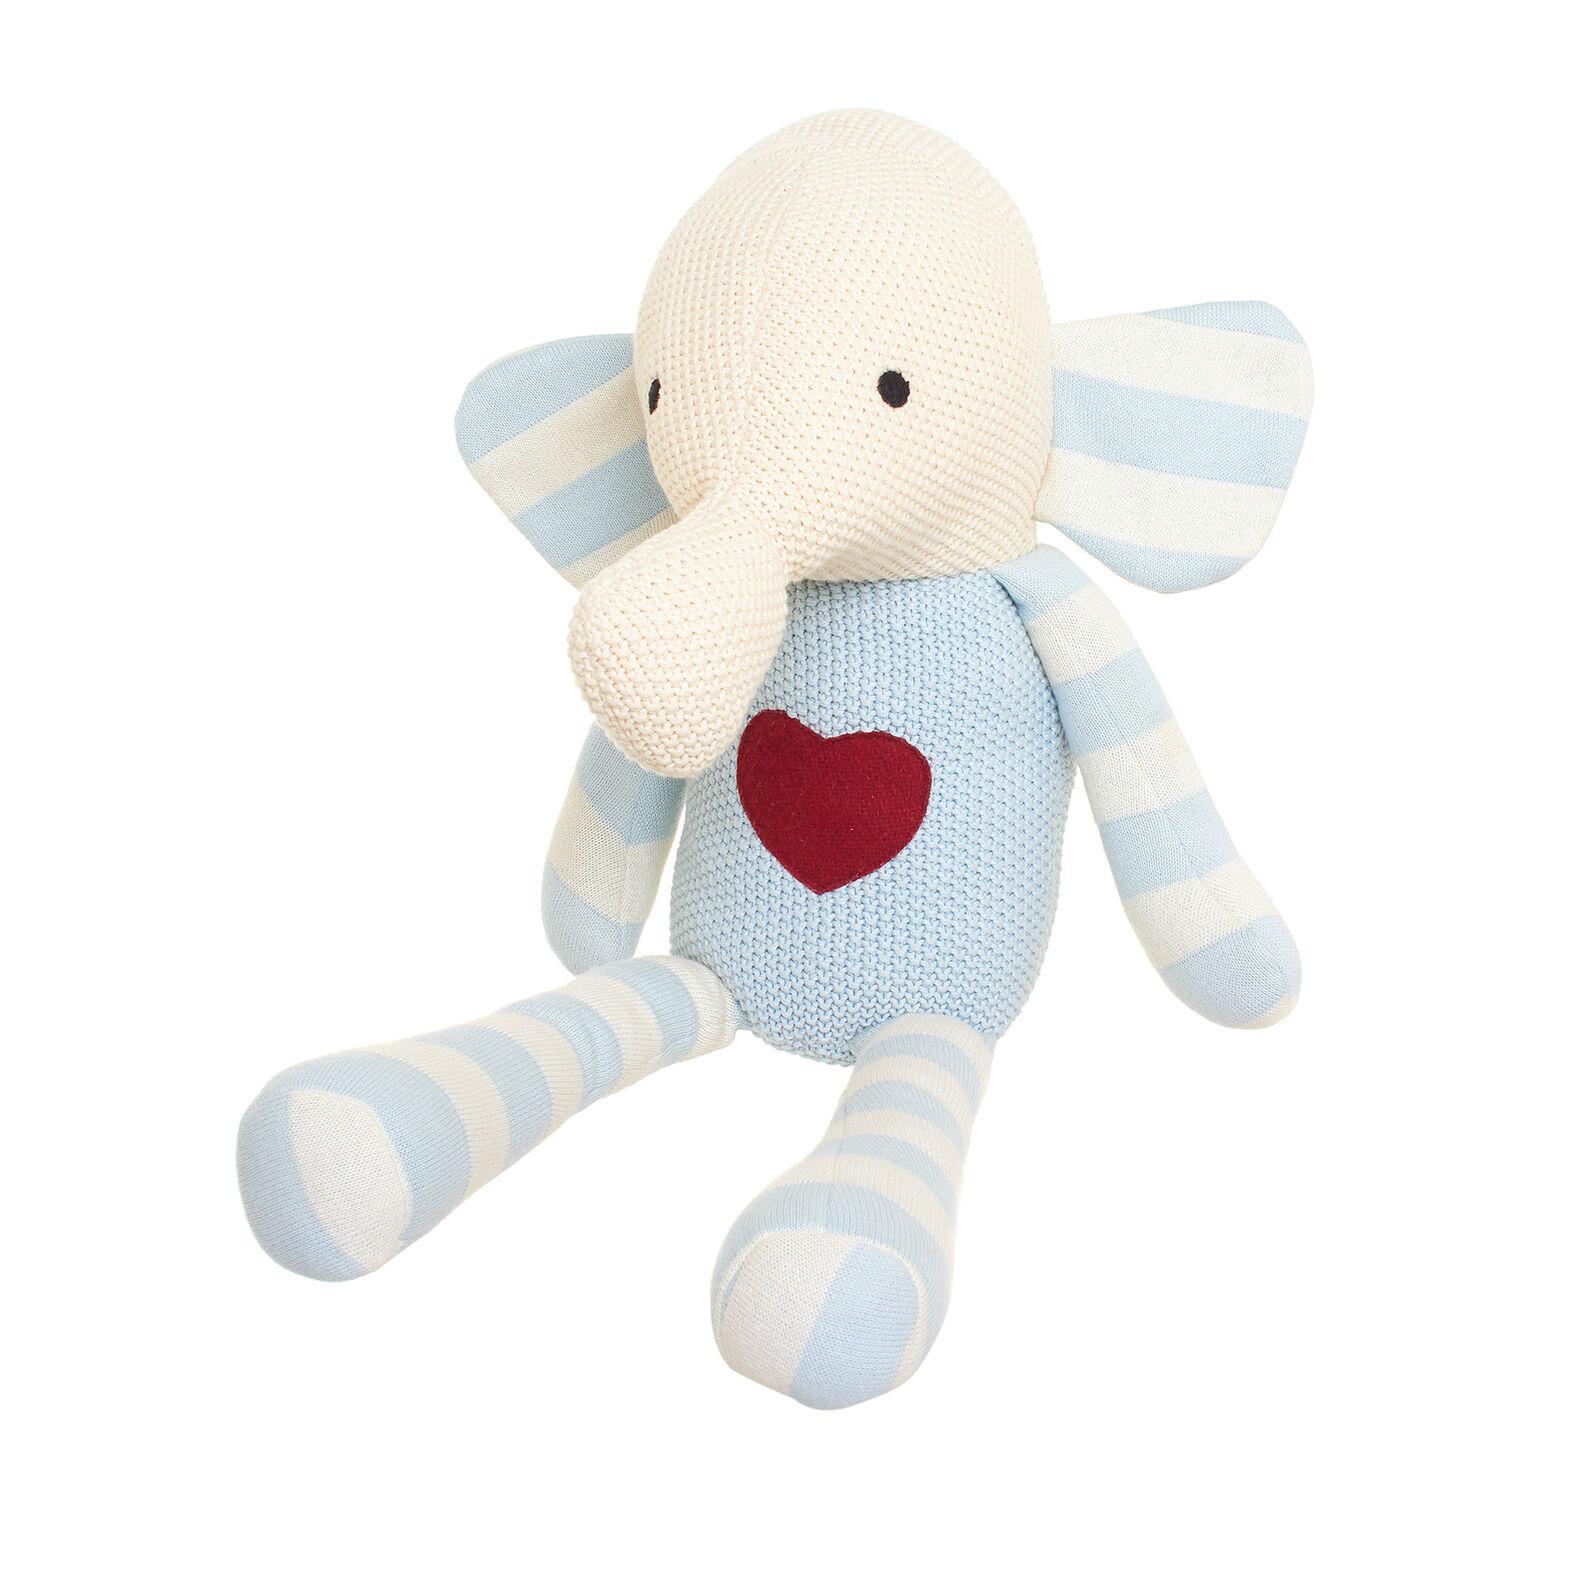 Elefante in cotone a maglia